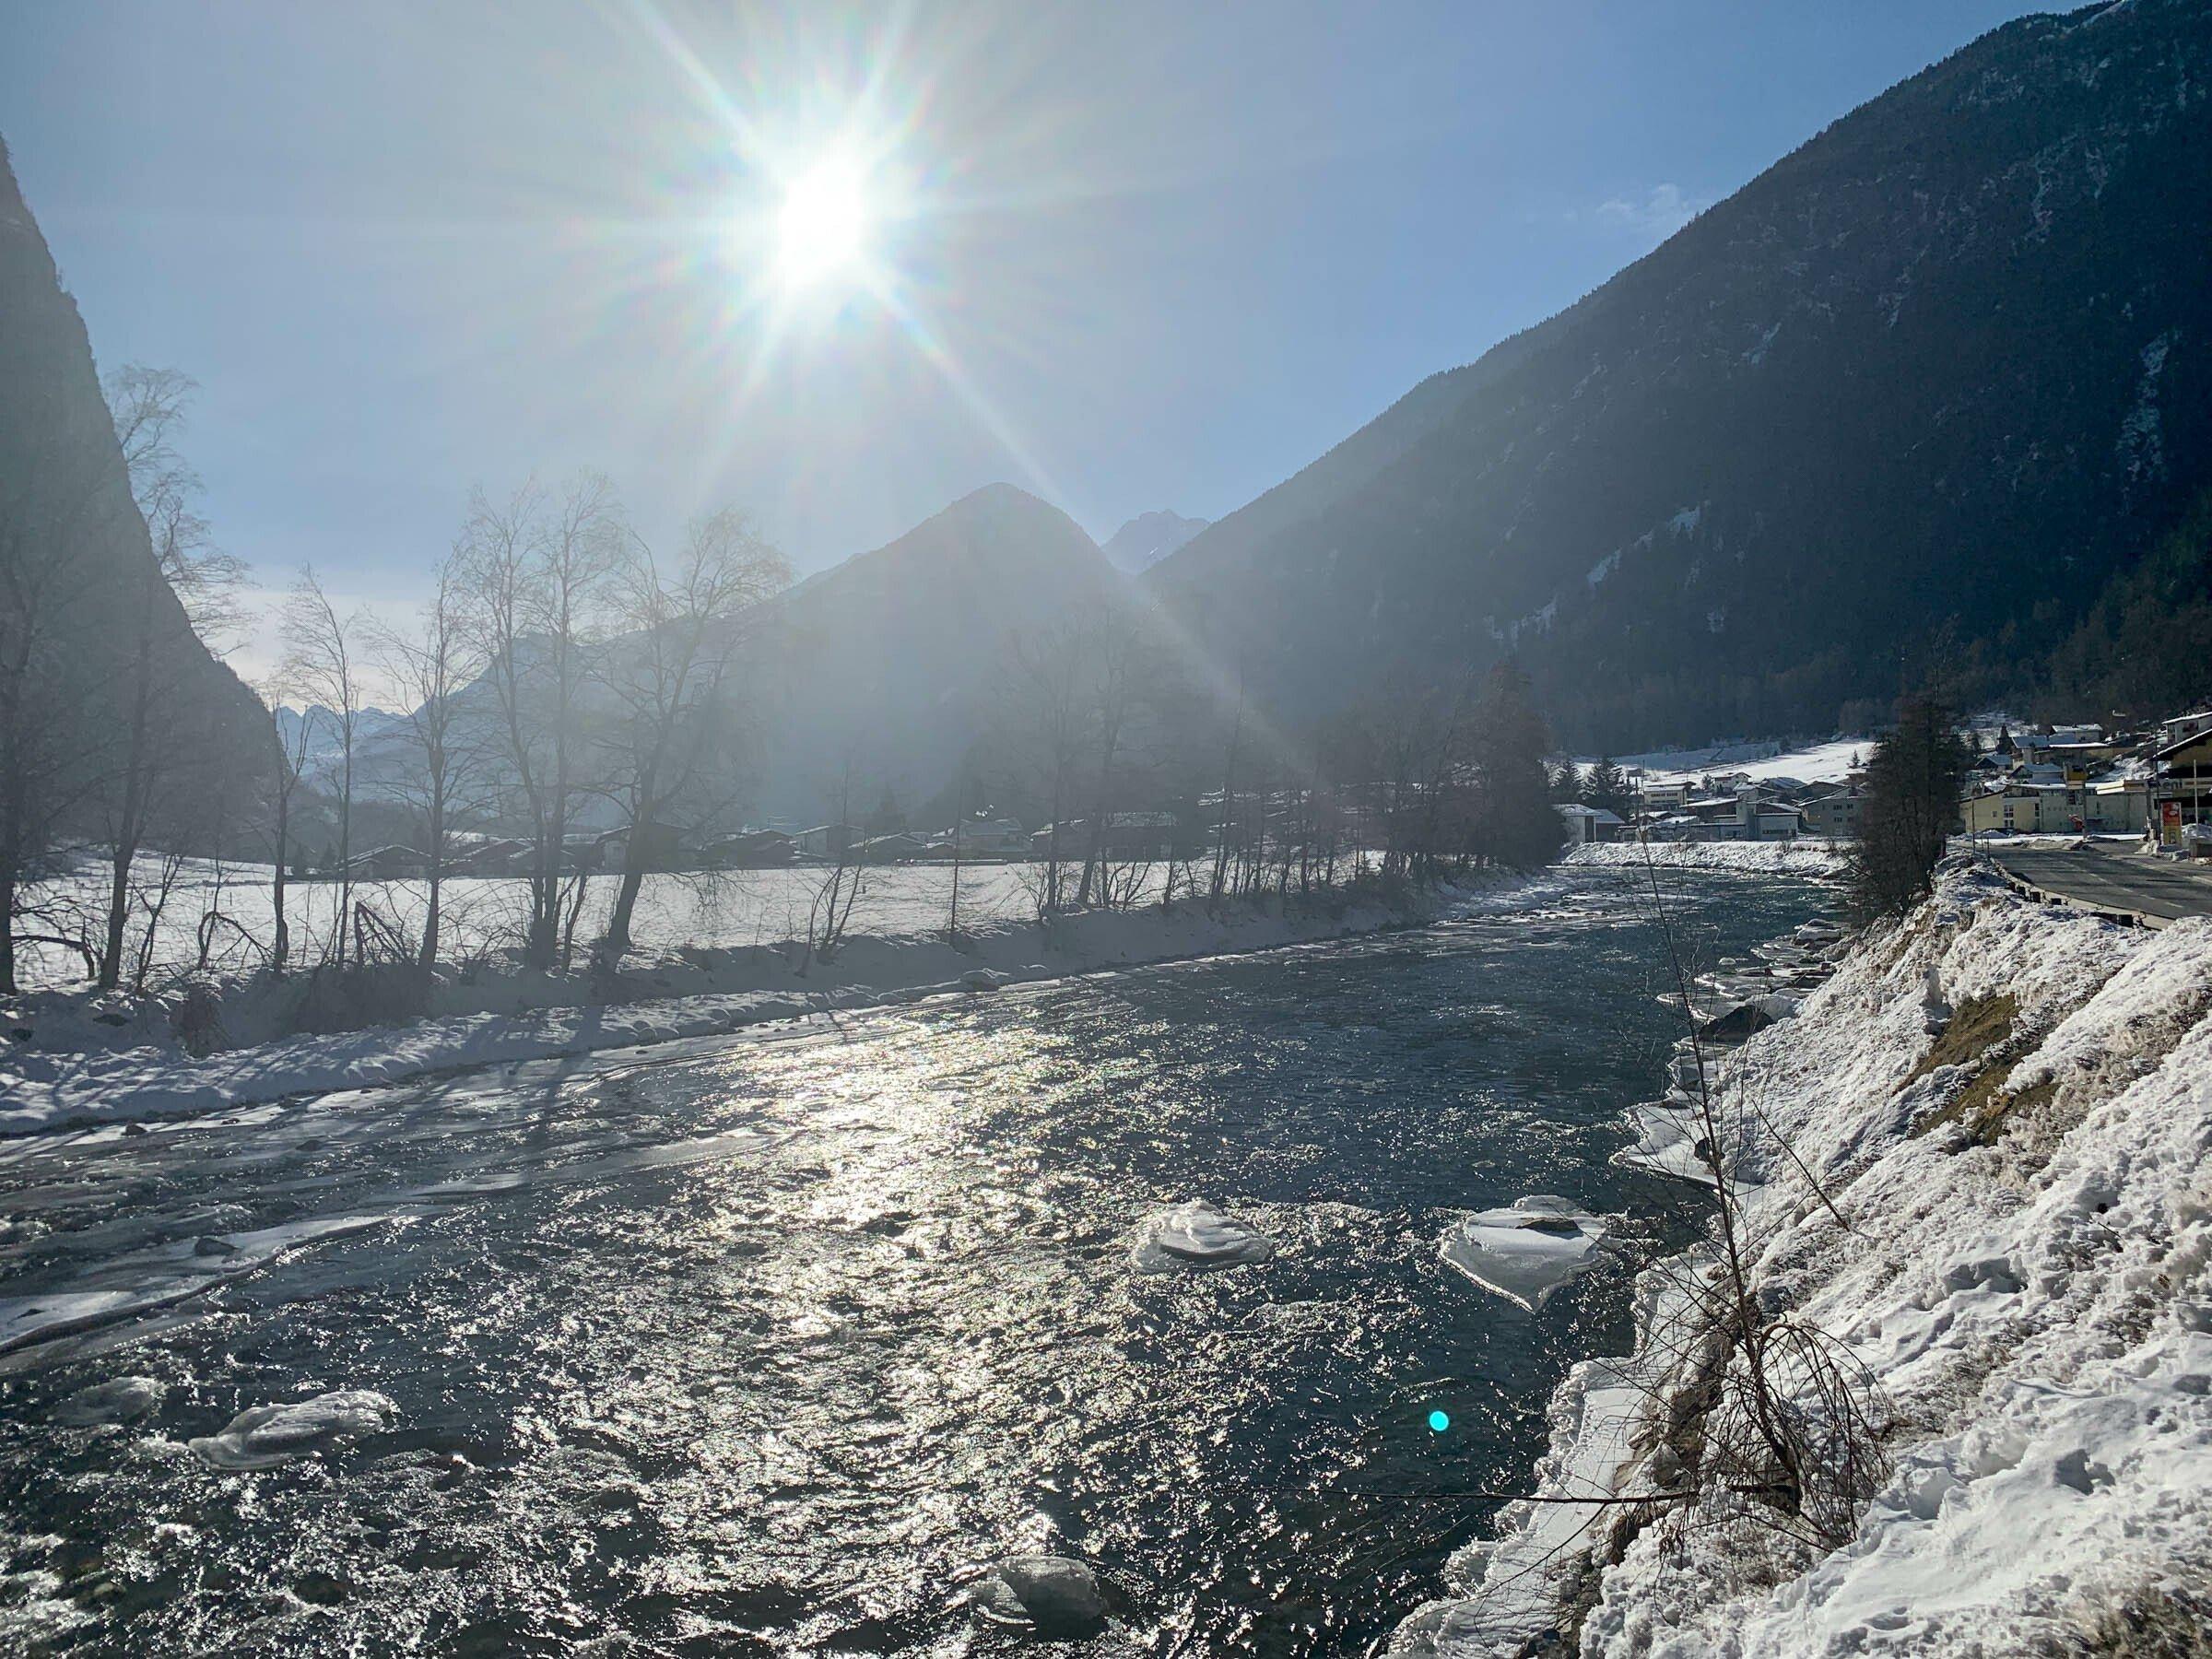 Gebirgsbach in einem Tal mit Schneelandschaft und blauem Himmel